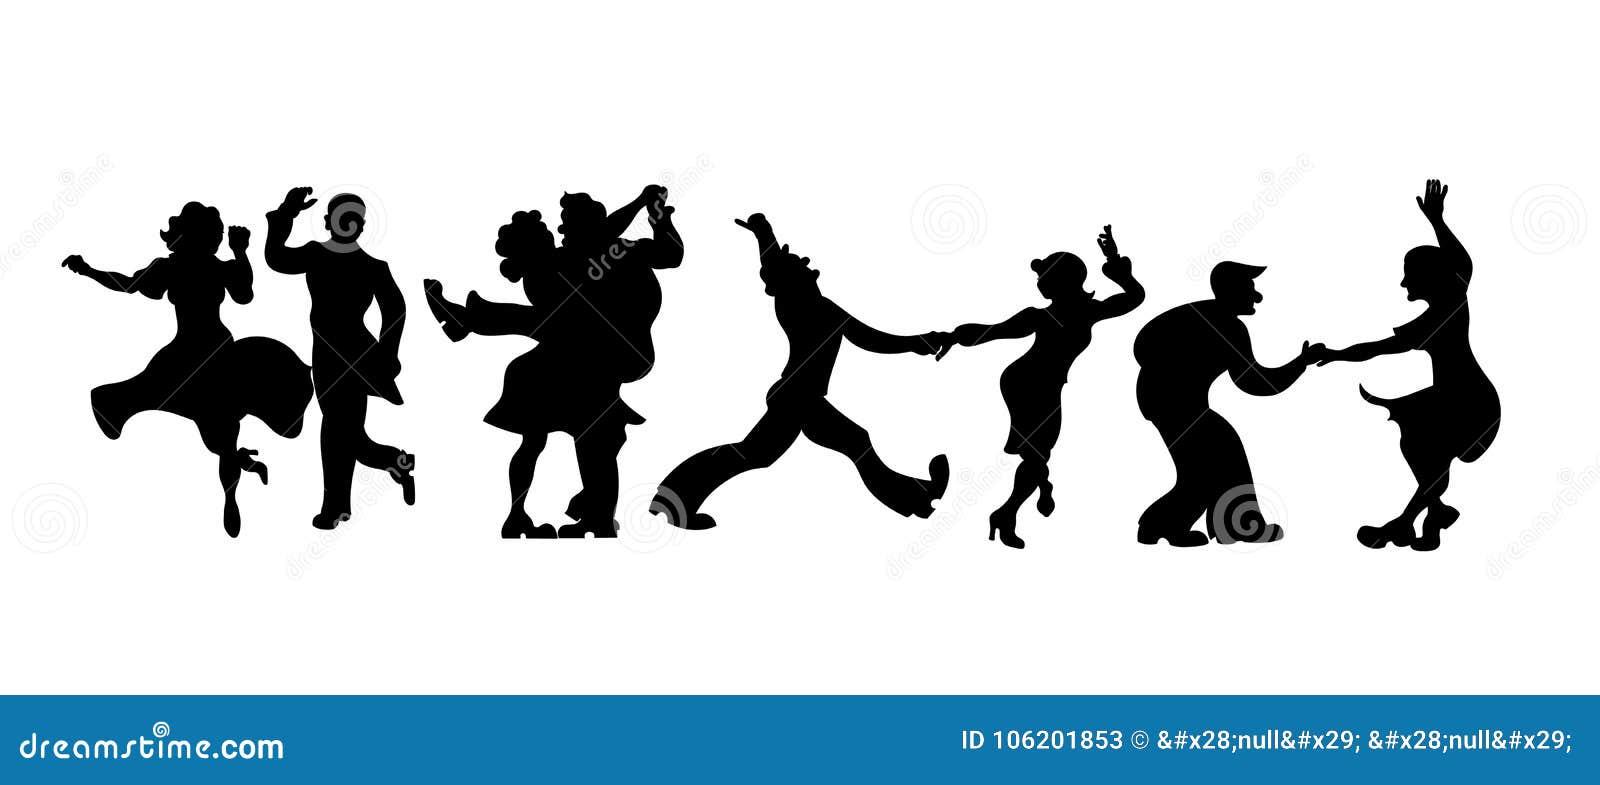 Sylwetek cztery para ludzie tanczy Charleston lub retro tana również zwrócić corel ilustracji wektora ustalony retro sylwetka tan